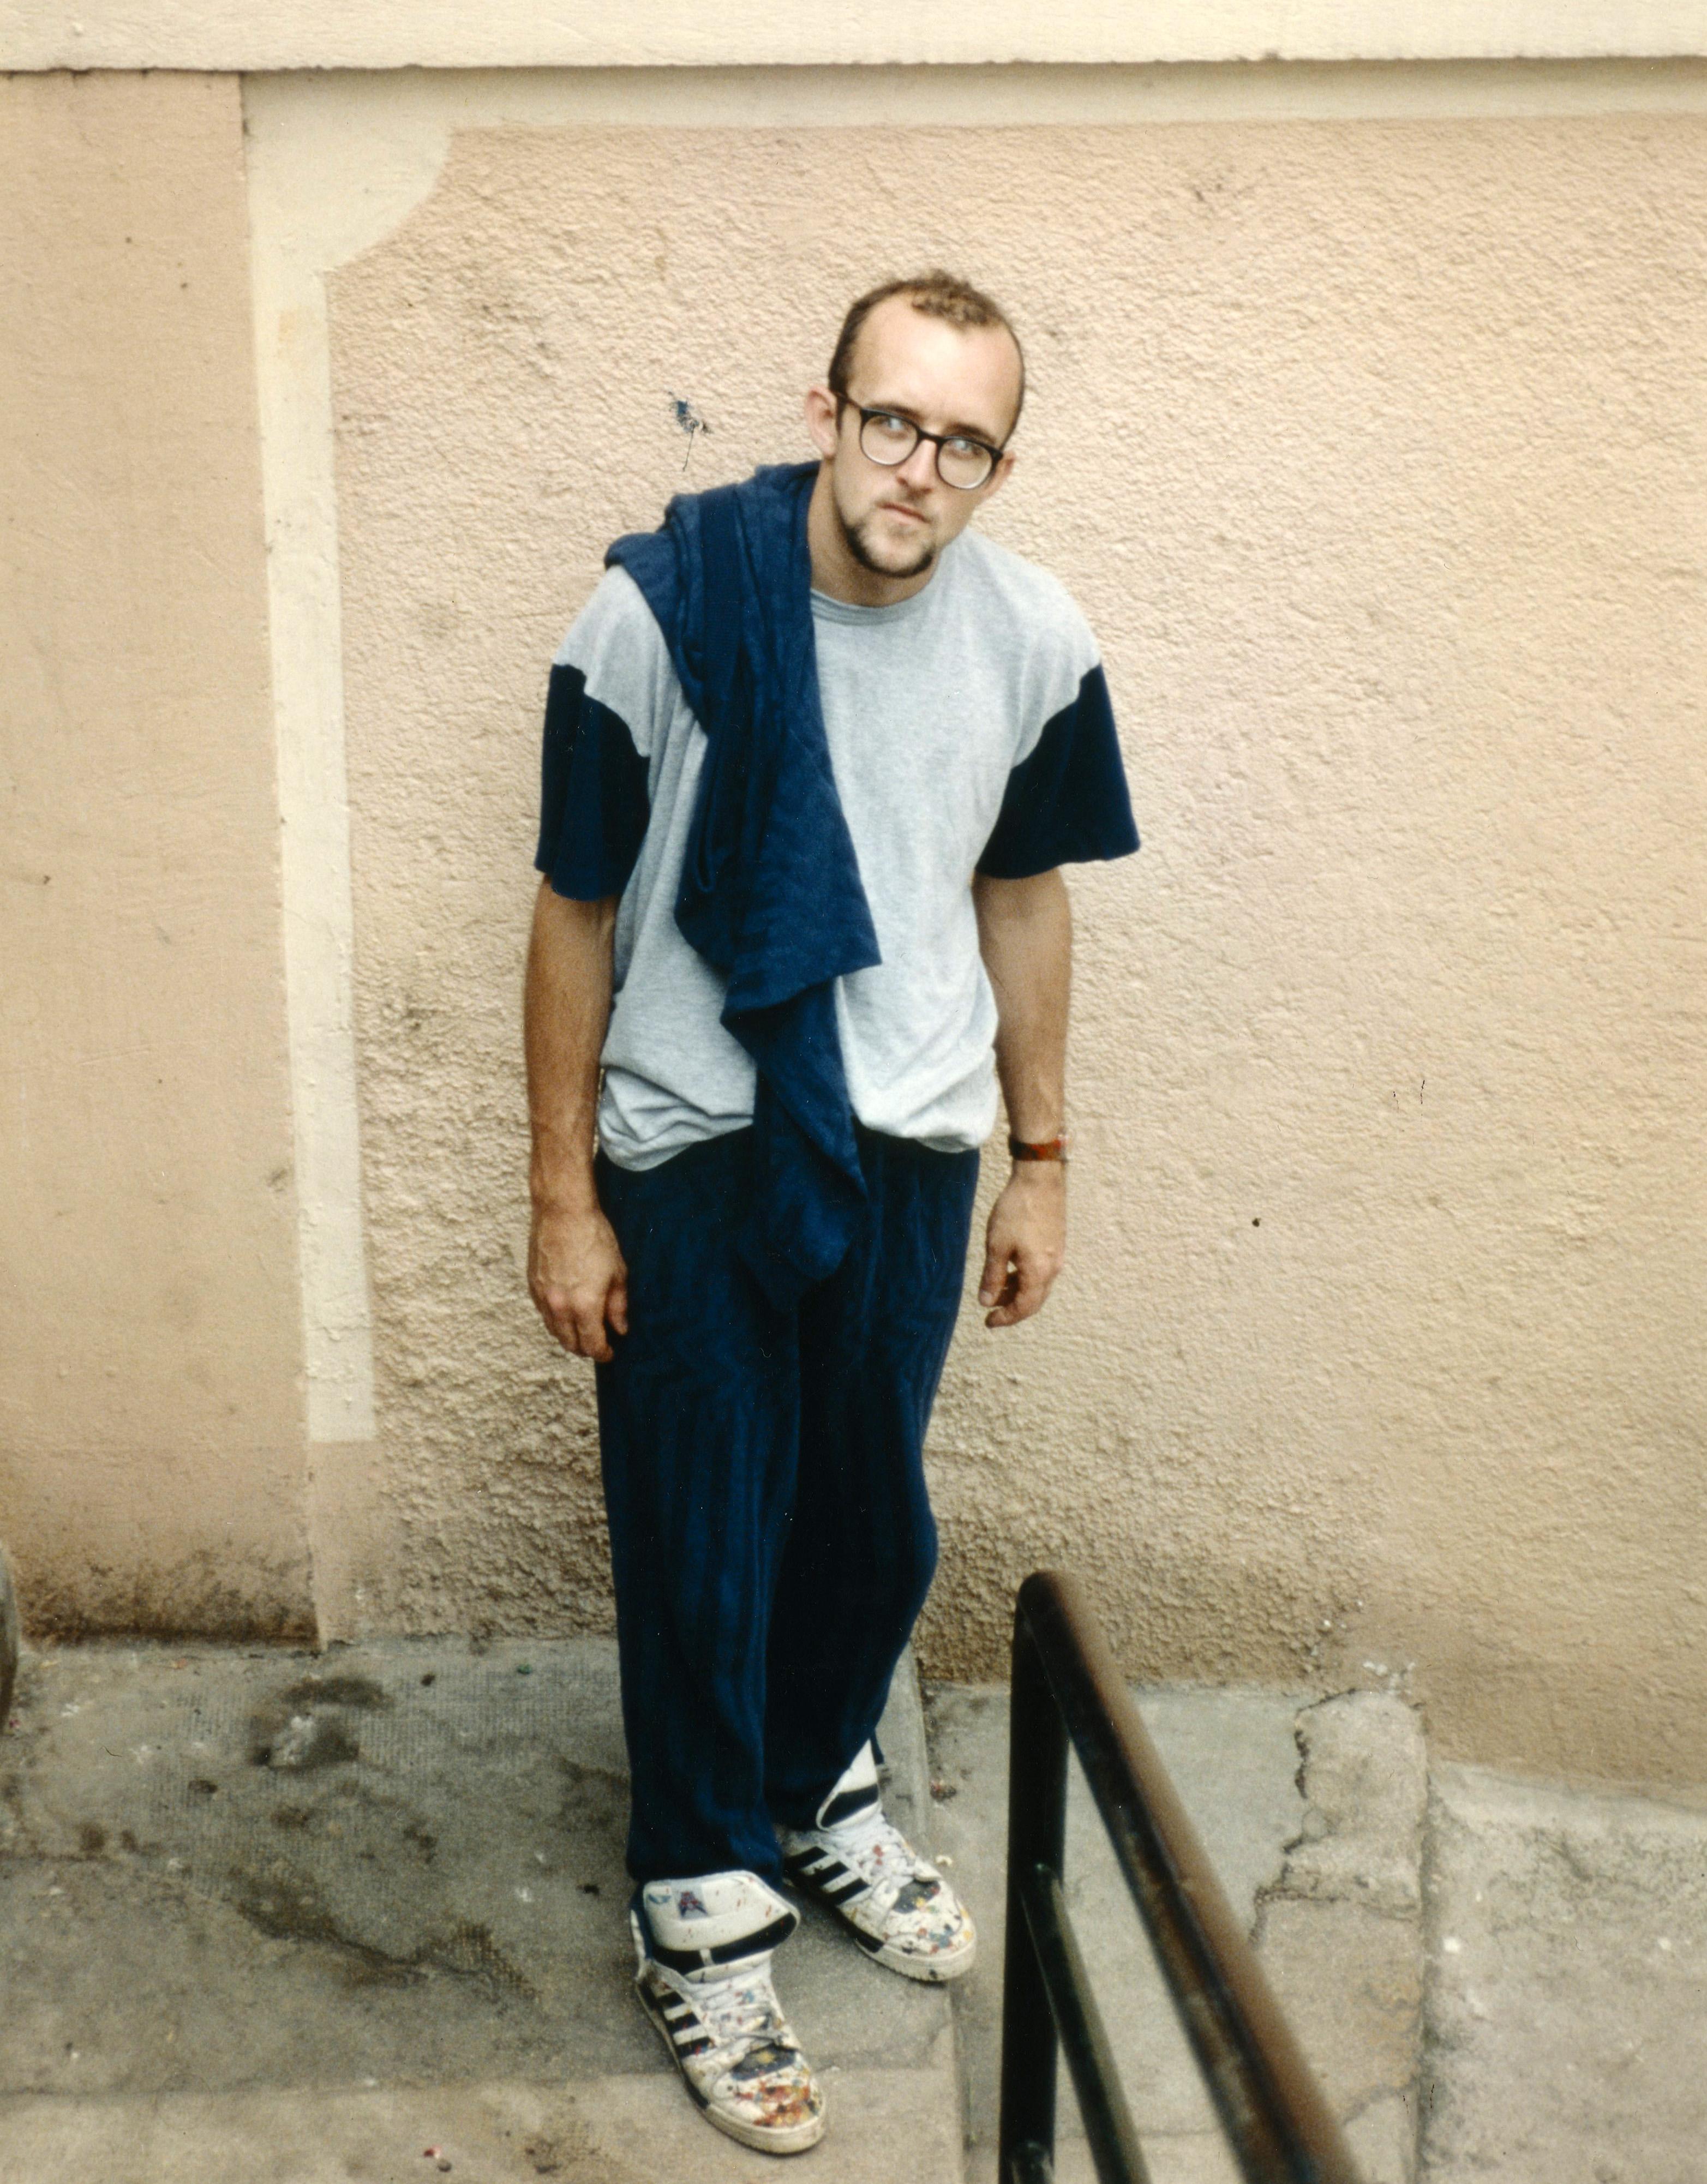 9de6ef1a378870 American pop artist and activist Keith Haring.